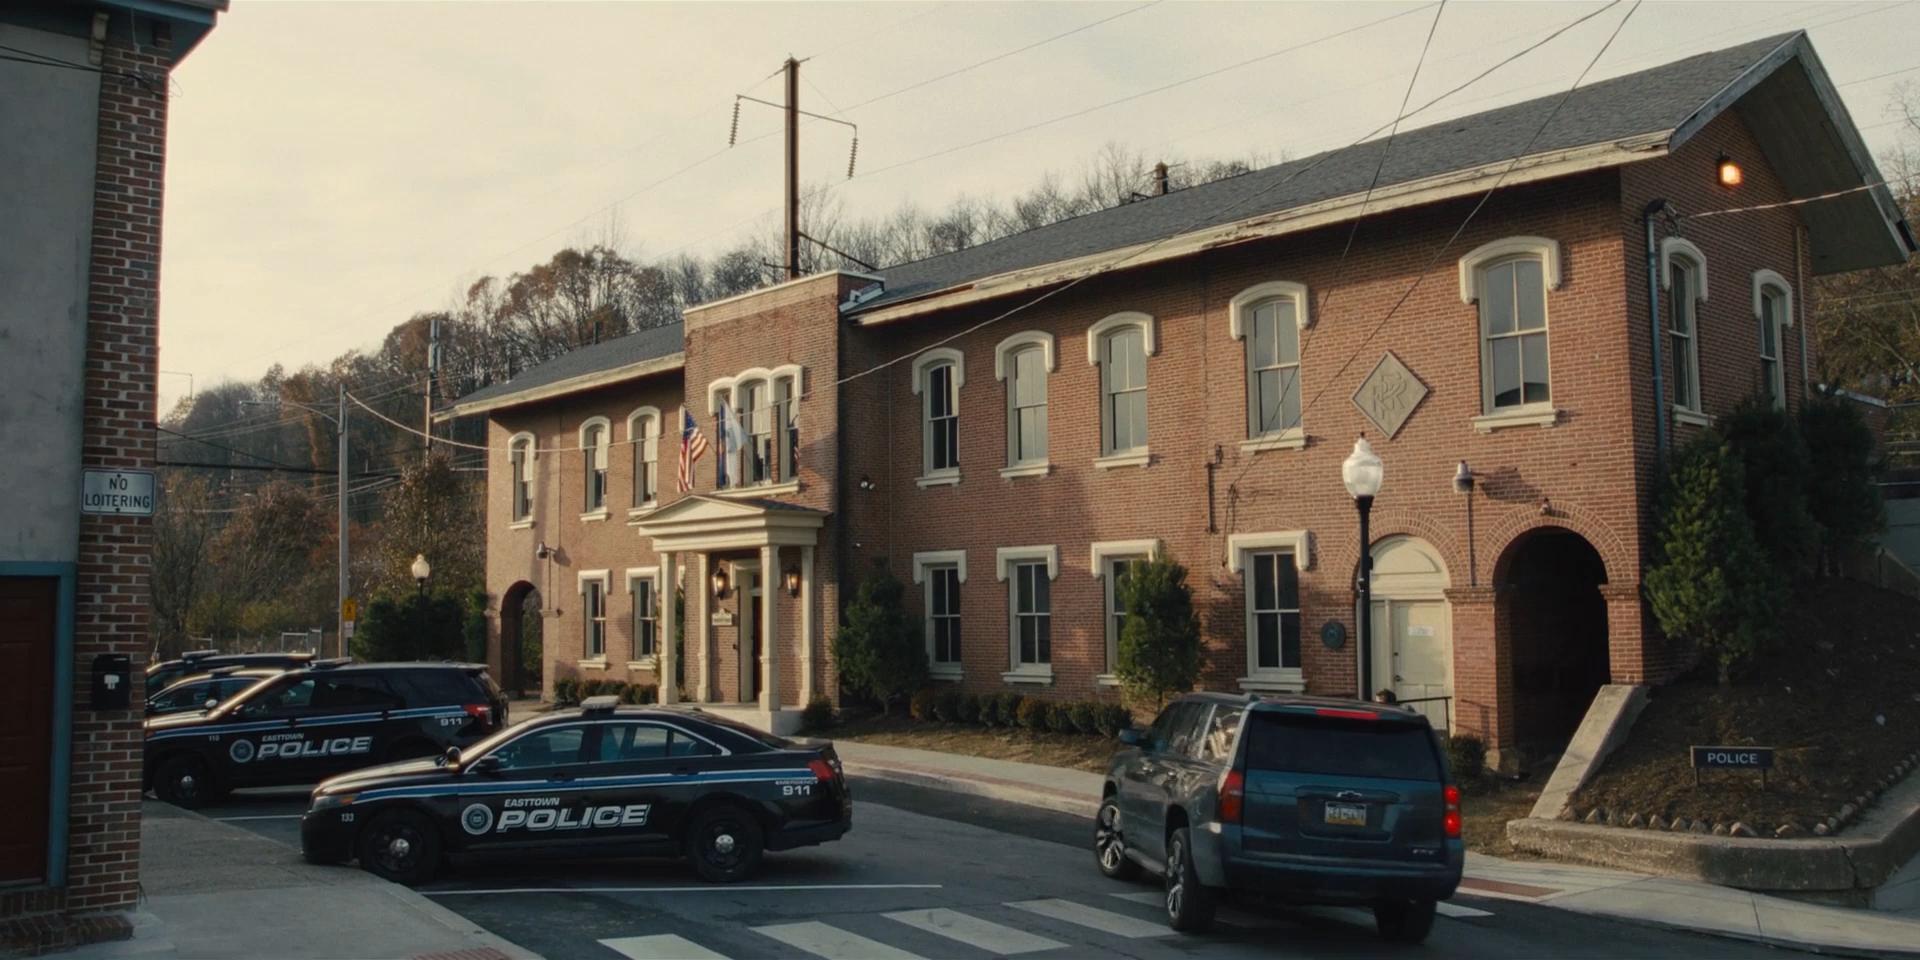 Изображение для Мейр из Исттауна / Mare of Easttown, Сезон 1, Серии 1-4 из 7 (2021) WEB-DL 1080p (кликните для просмотра полного изображения)